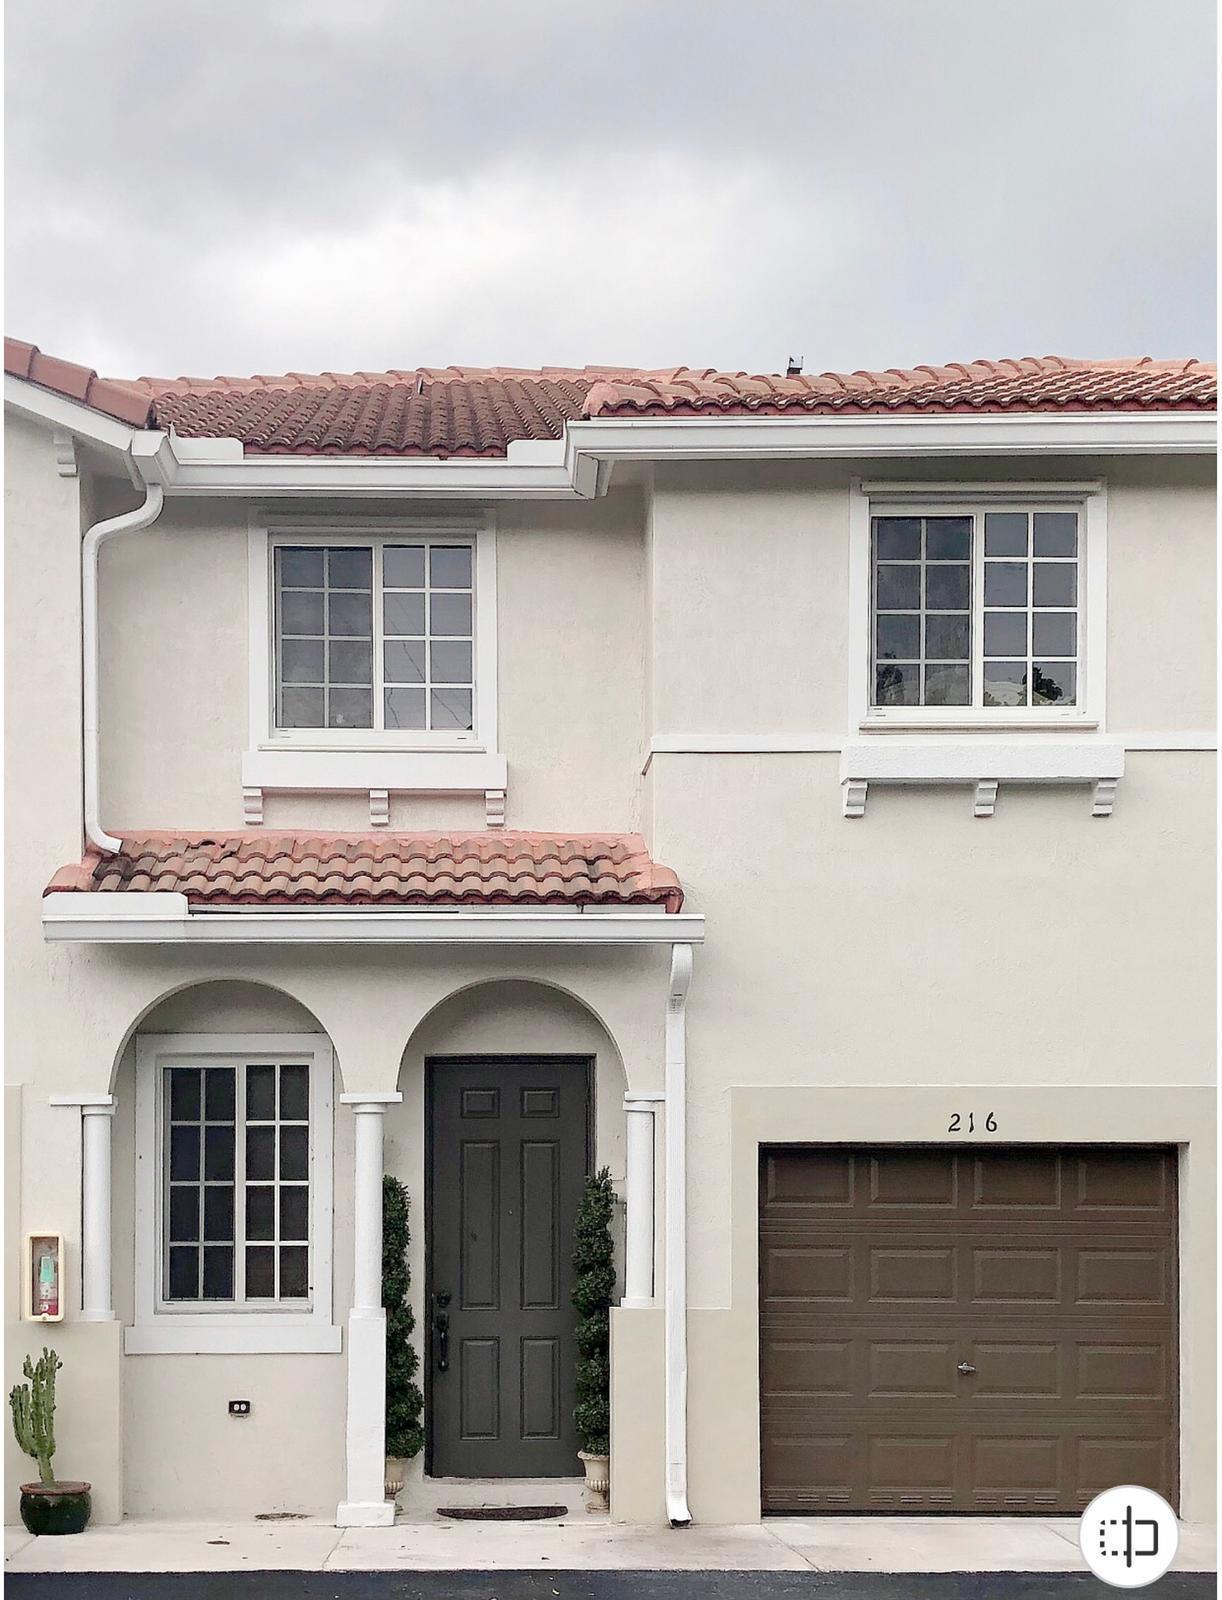 21431 Nw 13 Court, Miami Gardens, FL 33169